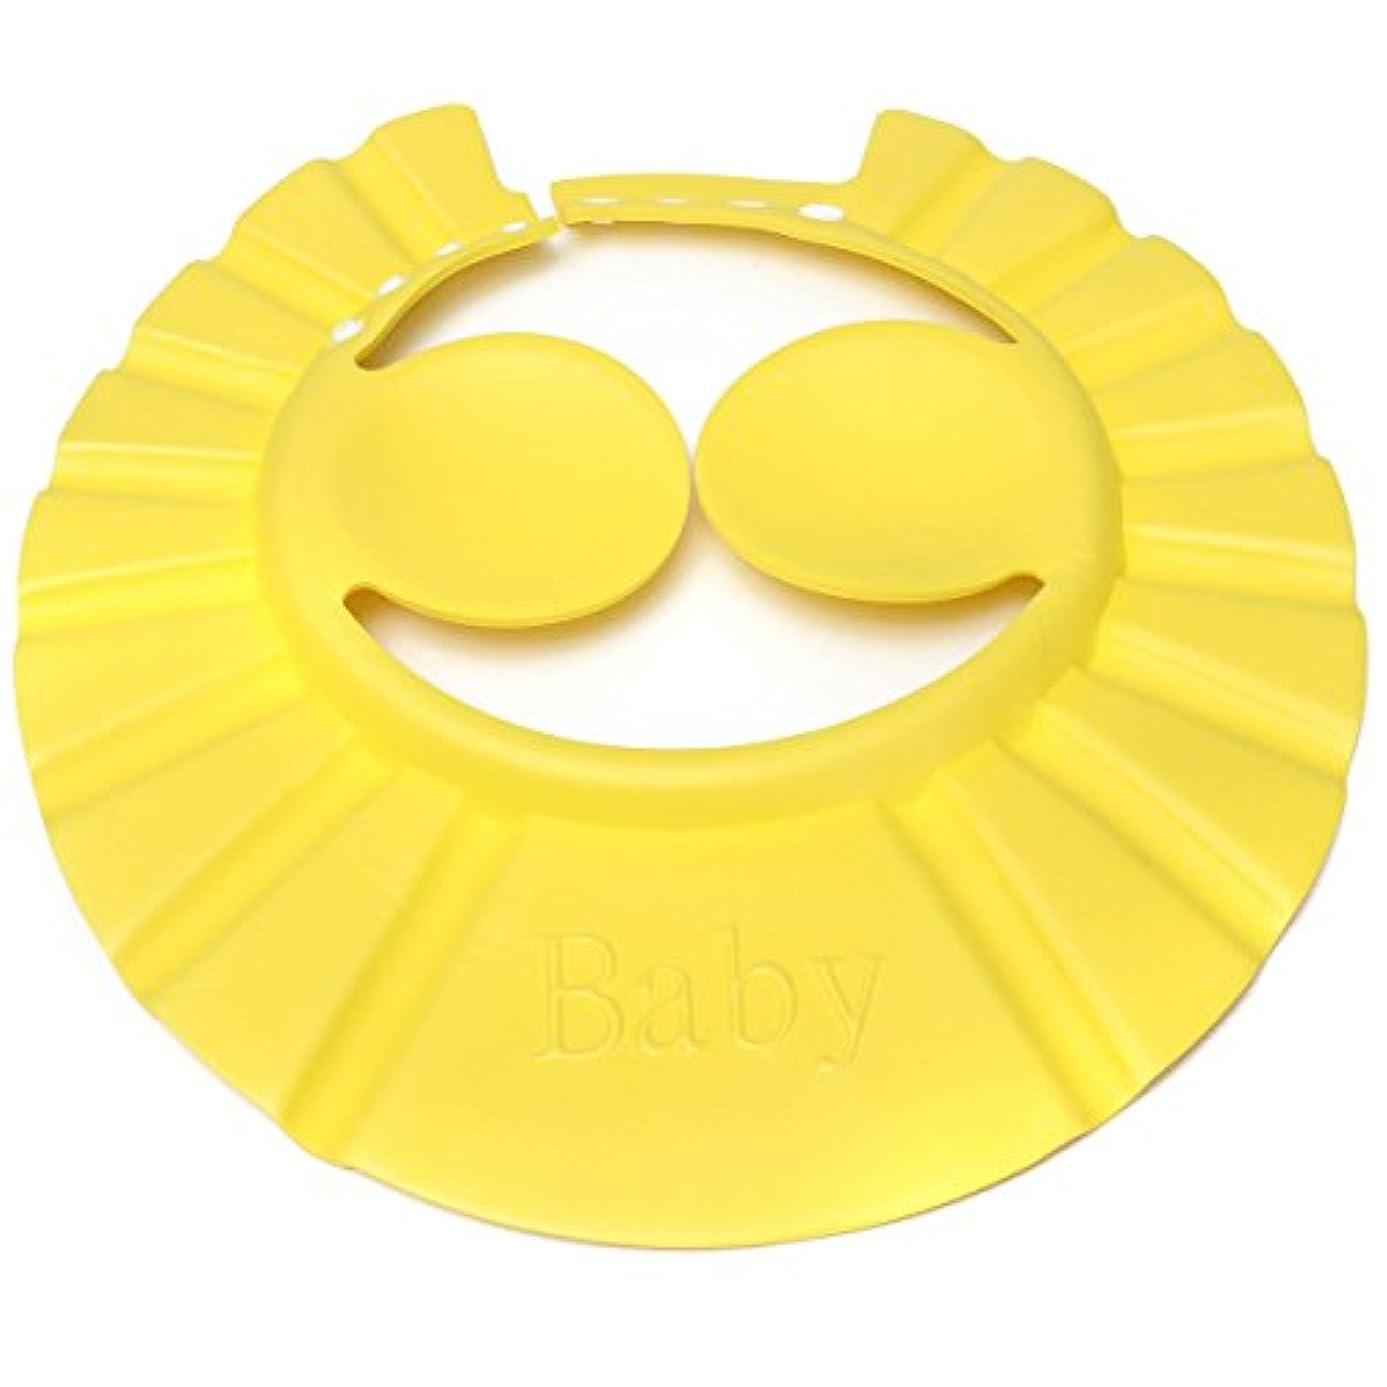 便利さ最も遠い従順なバスシャワーキャップ,SODIAL(R)赤ちゃん 子供 幼児のシャンプー お風呂 シャワー キャップハット 髪を洗うシールド 黄色